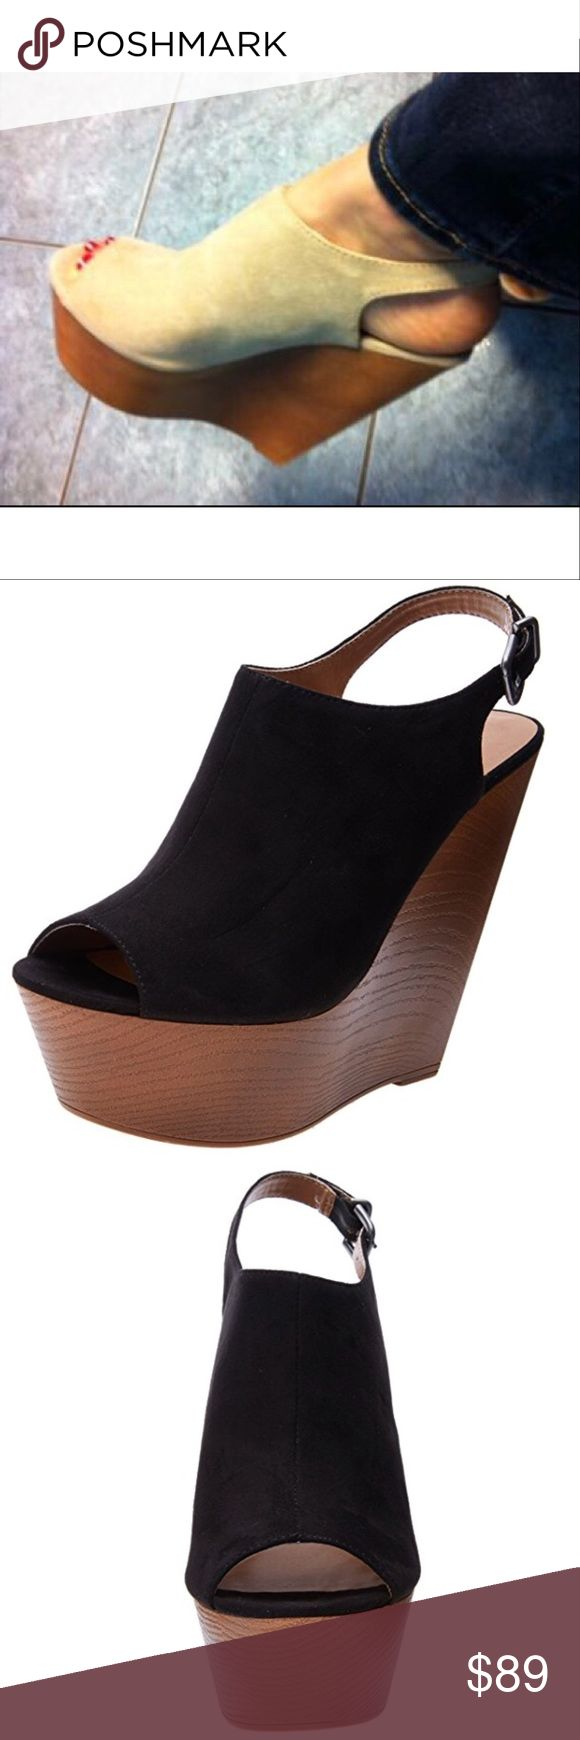 """Black Platform Wedge Slingback Sandal Fabric Upper Imported Heel measures approximately 5.25"""" Platform measures approximately 2.00"""" Color: Black  Width: B(M) Boutique Shoes Platforms"""